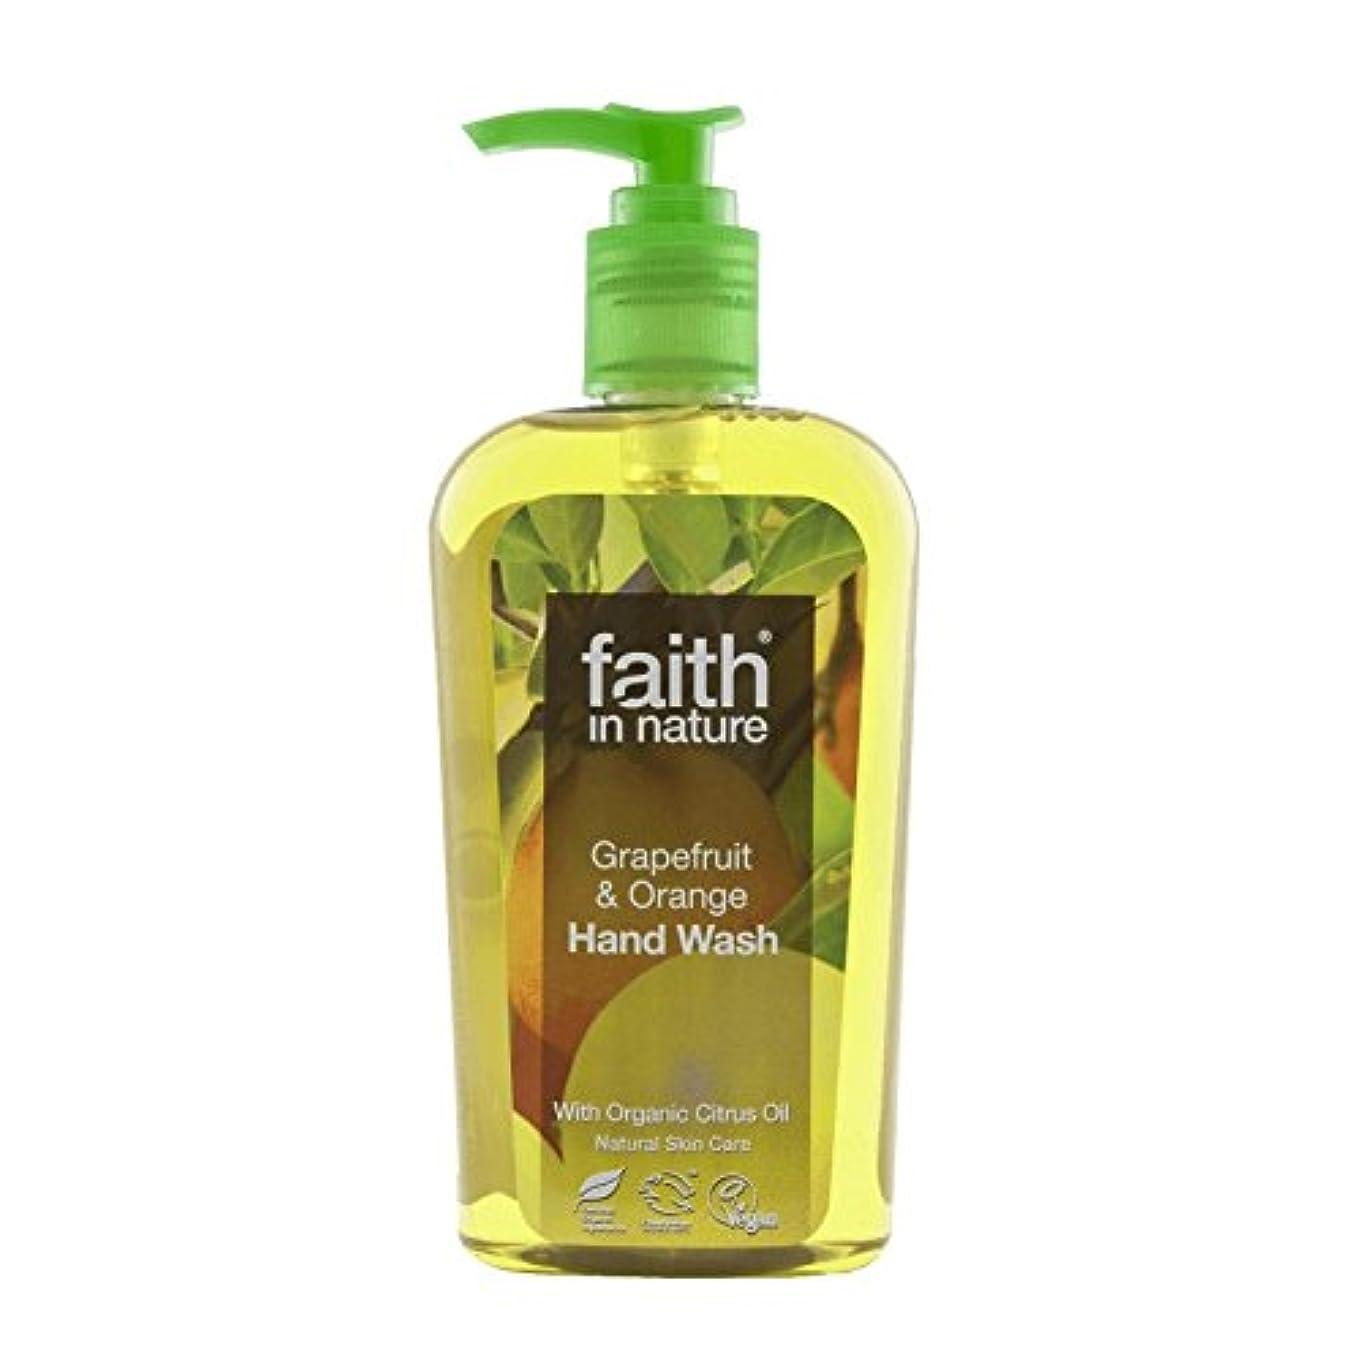 より良い有用日付付き自然グレープフルーツ&オレンジ手洗いの300ミリリットルの信仰 - Faith In Nature Grapefruit & Orange Handwash 300ml (Faith in Nature) [並行輸入品]